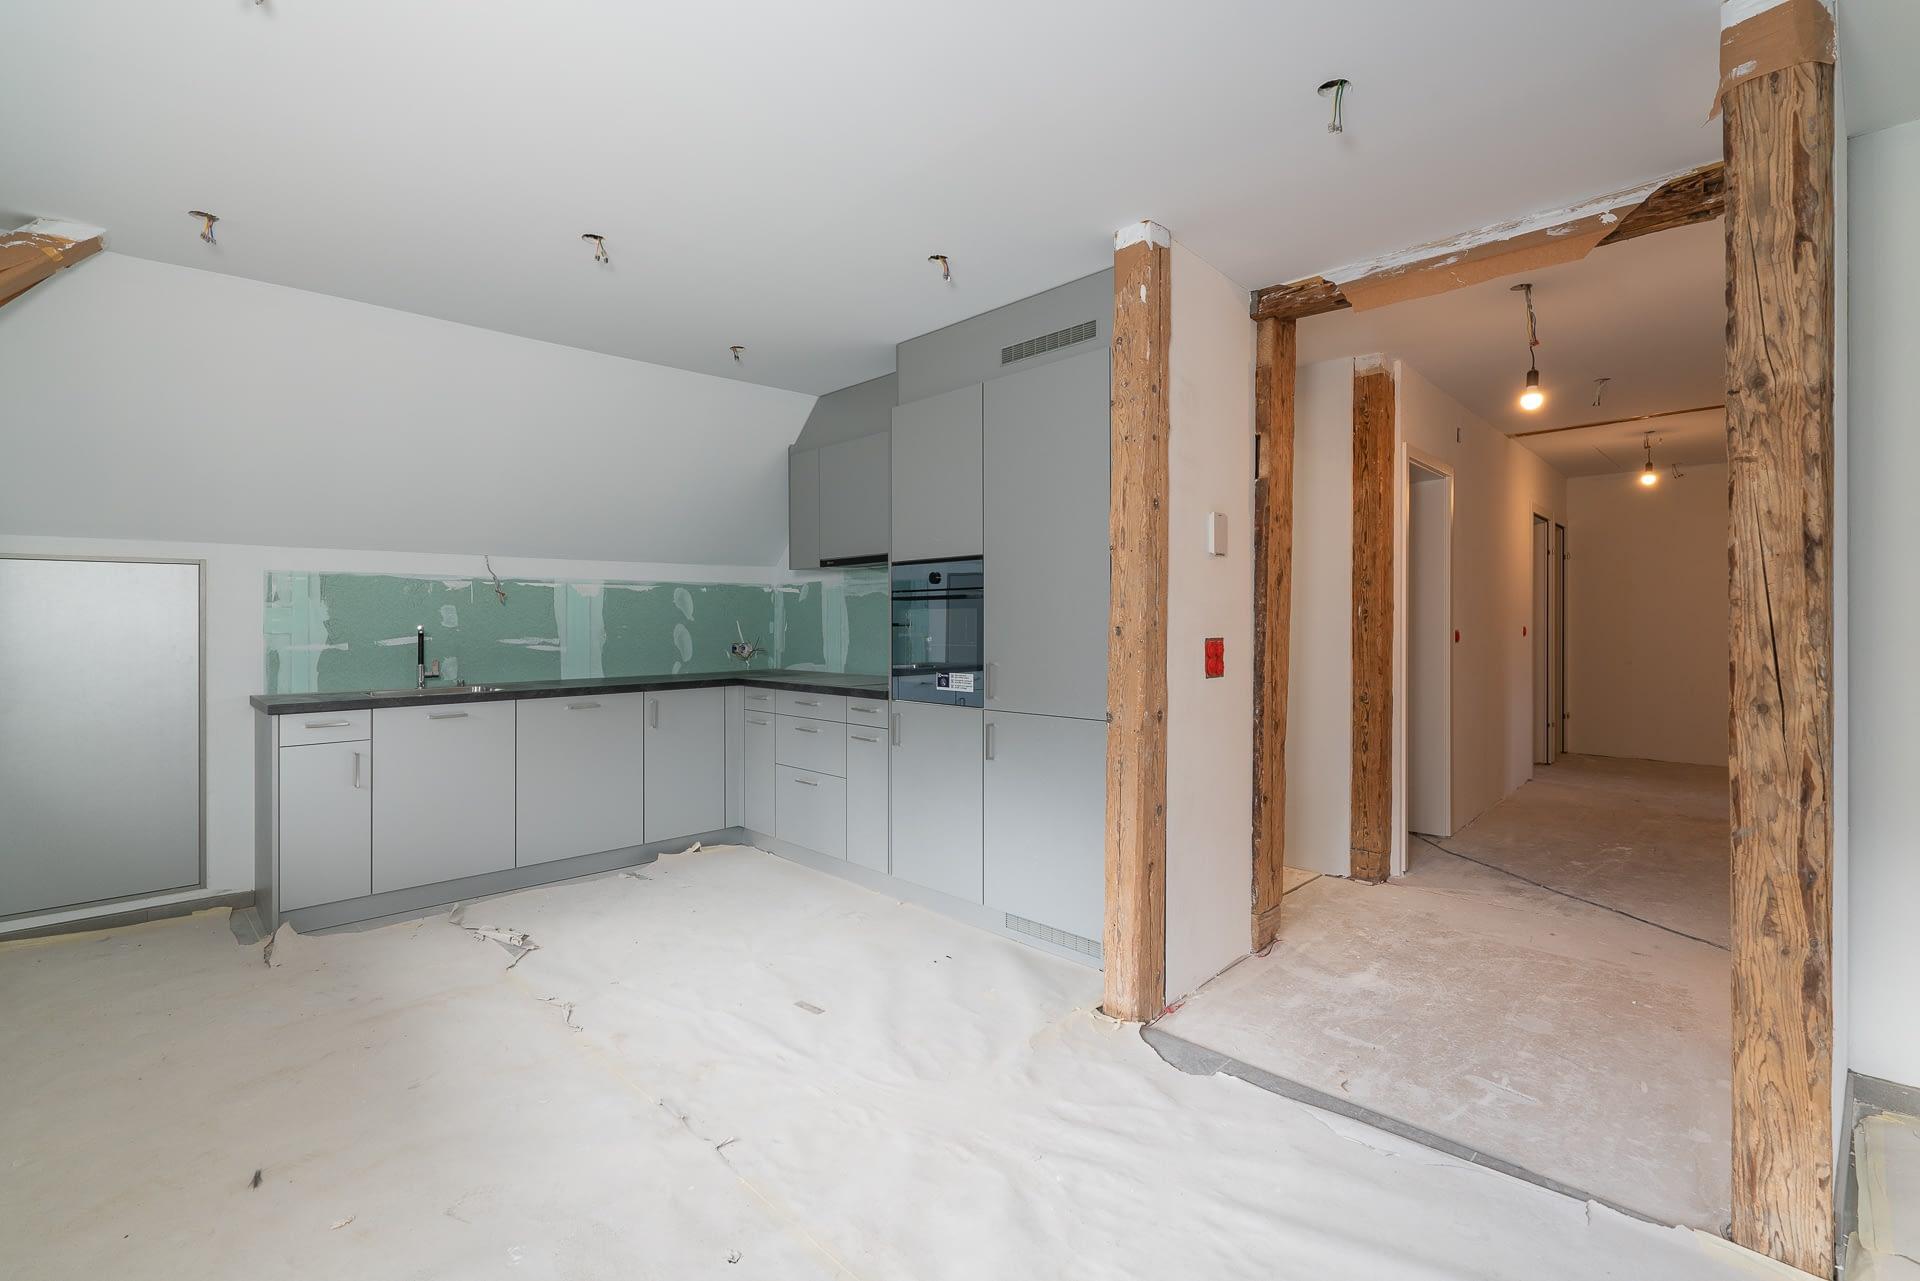 umbau-renovation-modernisieren-haus